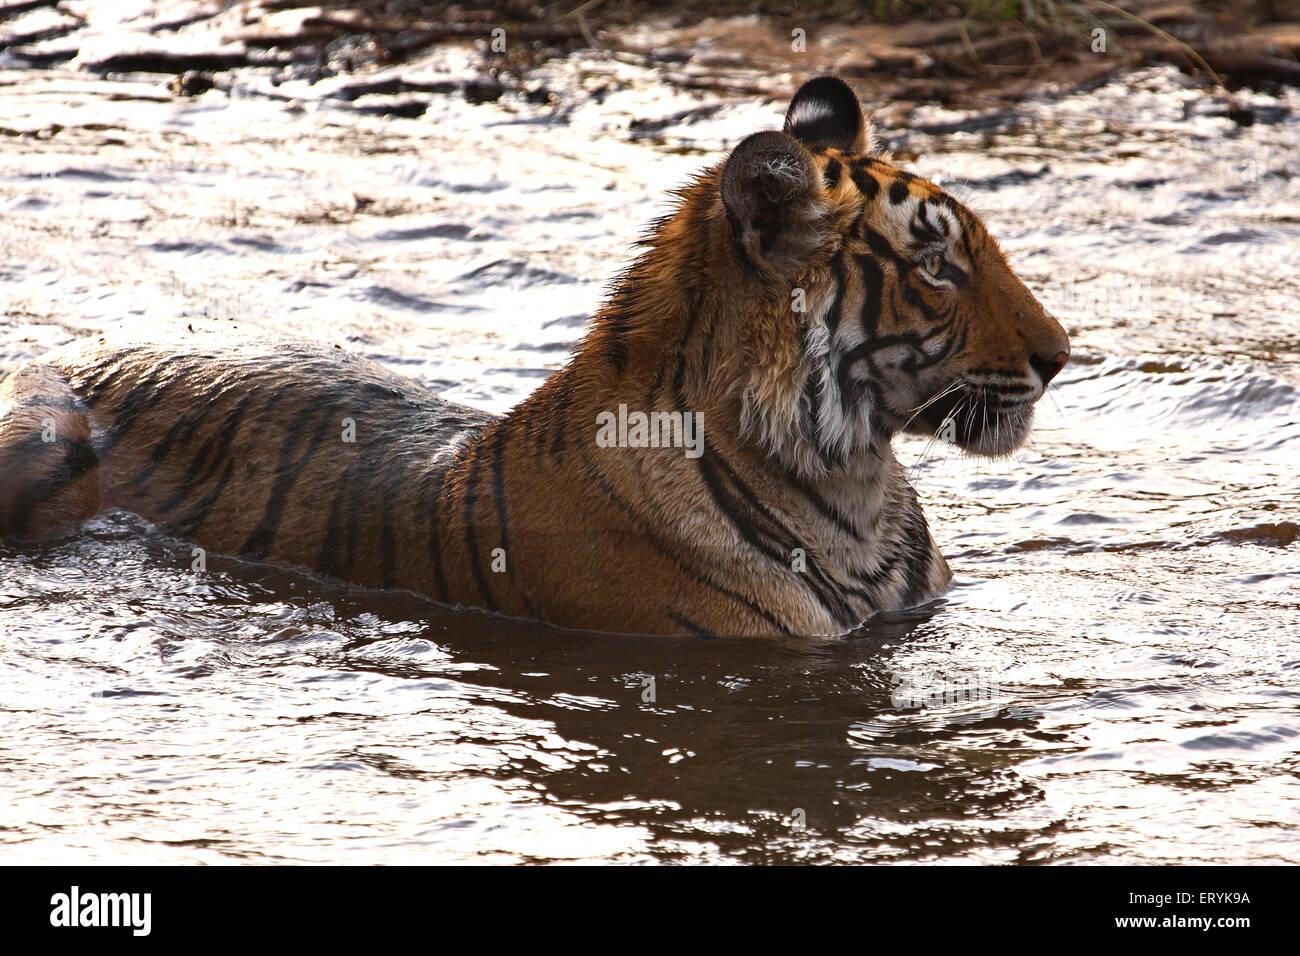 Tiger panthera tigris tigris sitting in waterhole ; Ranthambore national park ; Rajasthan ; India - Stock Image